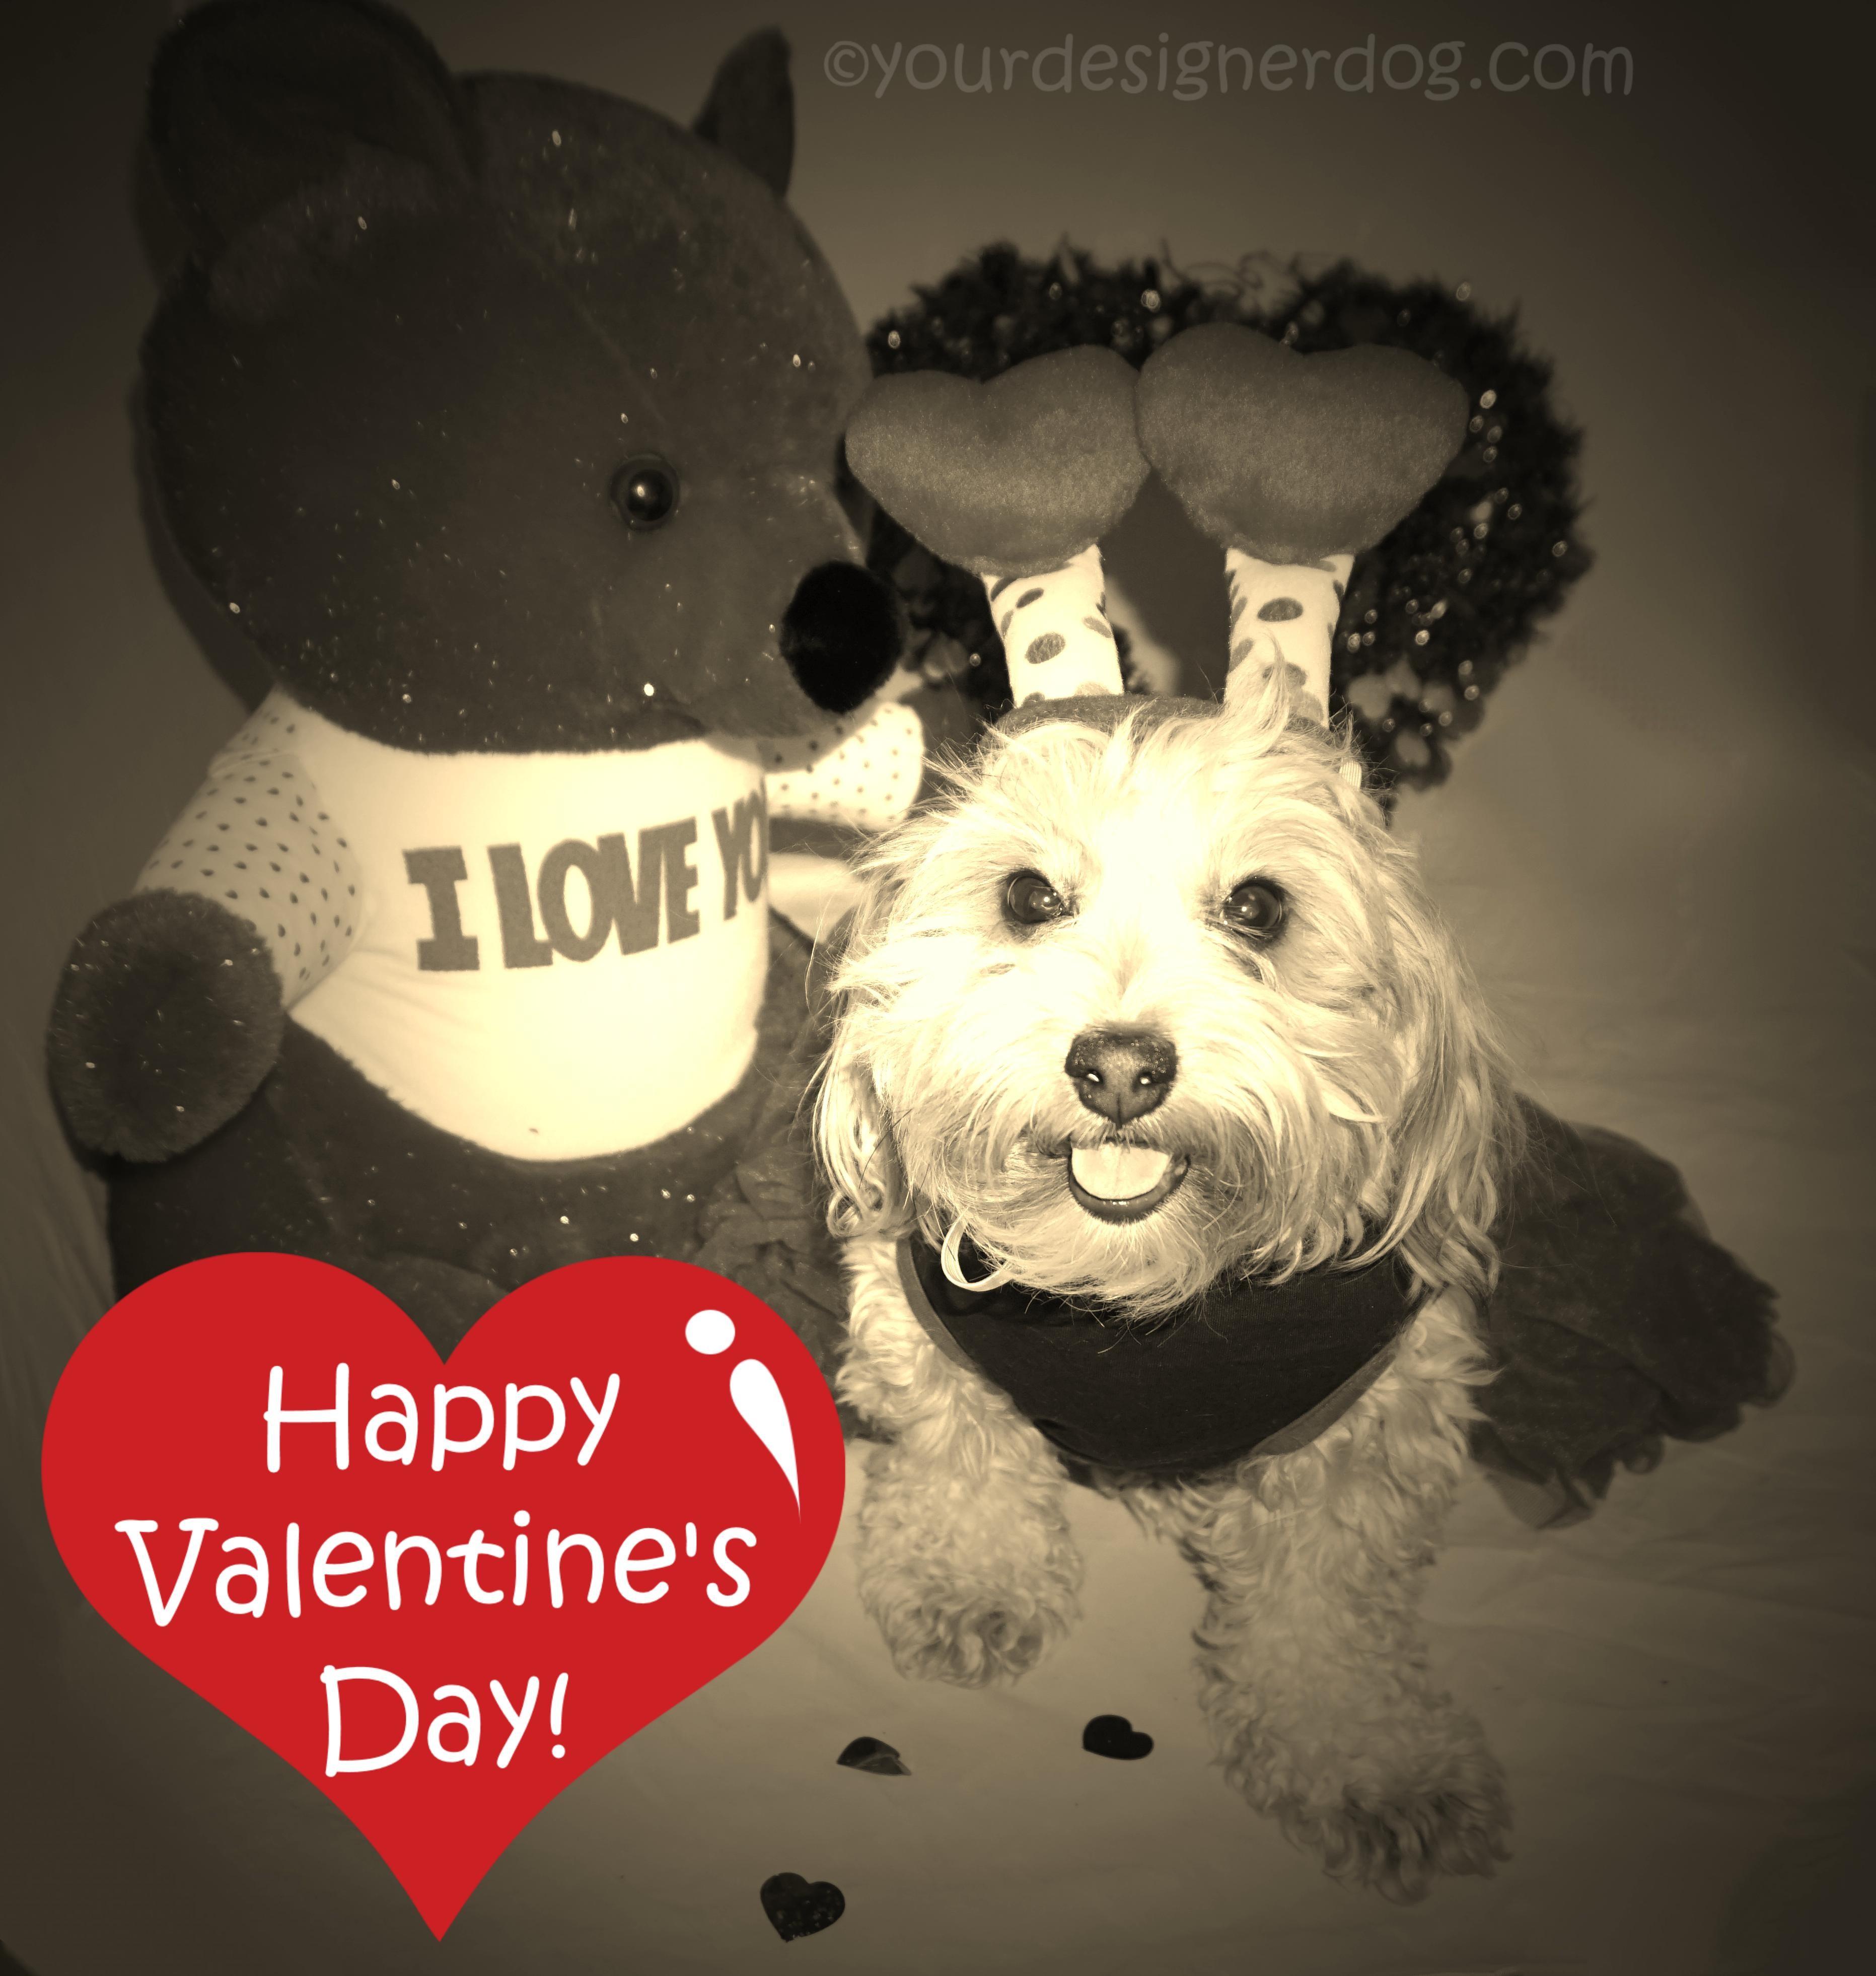 Happy Valentine's Day 2015!